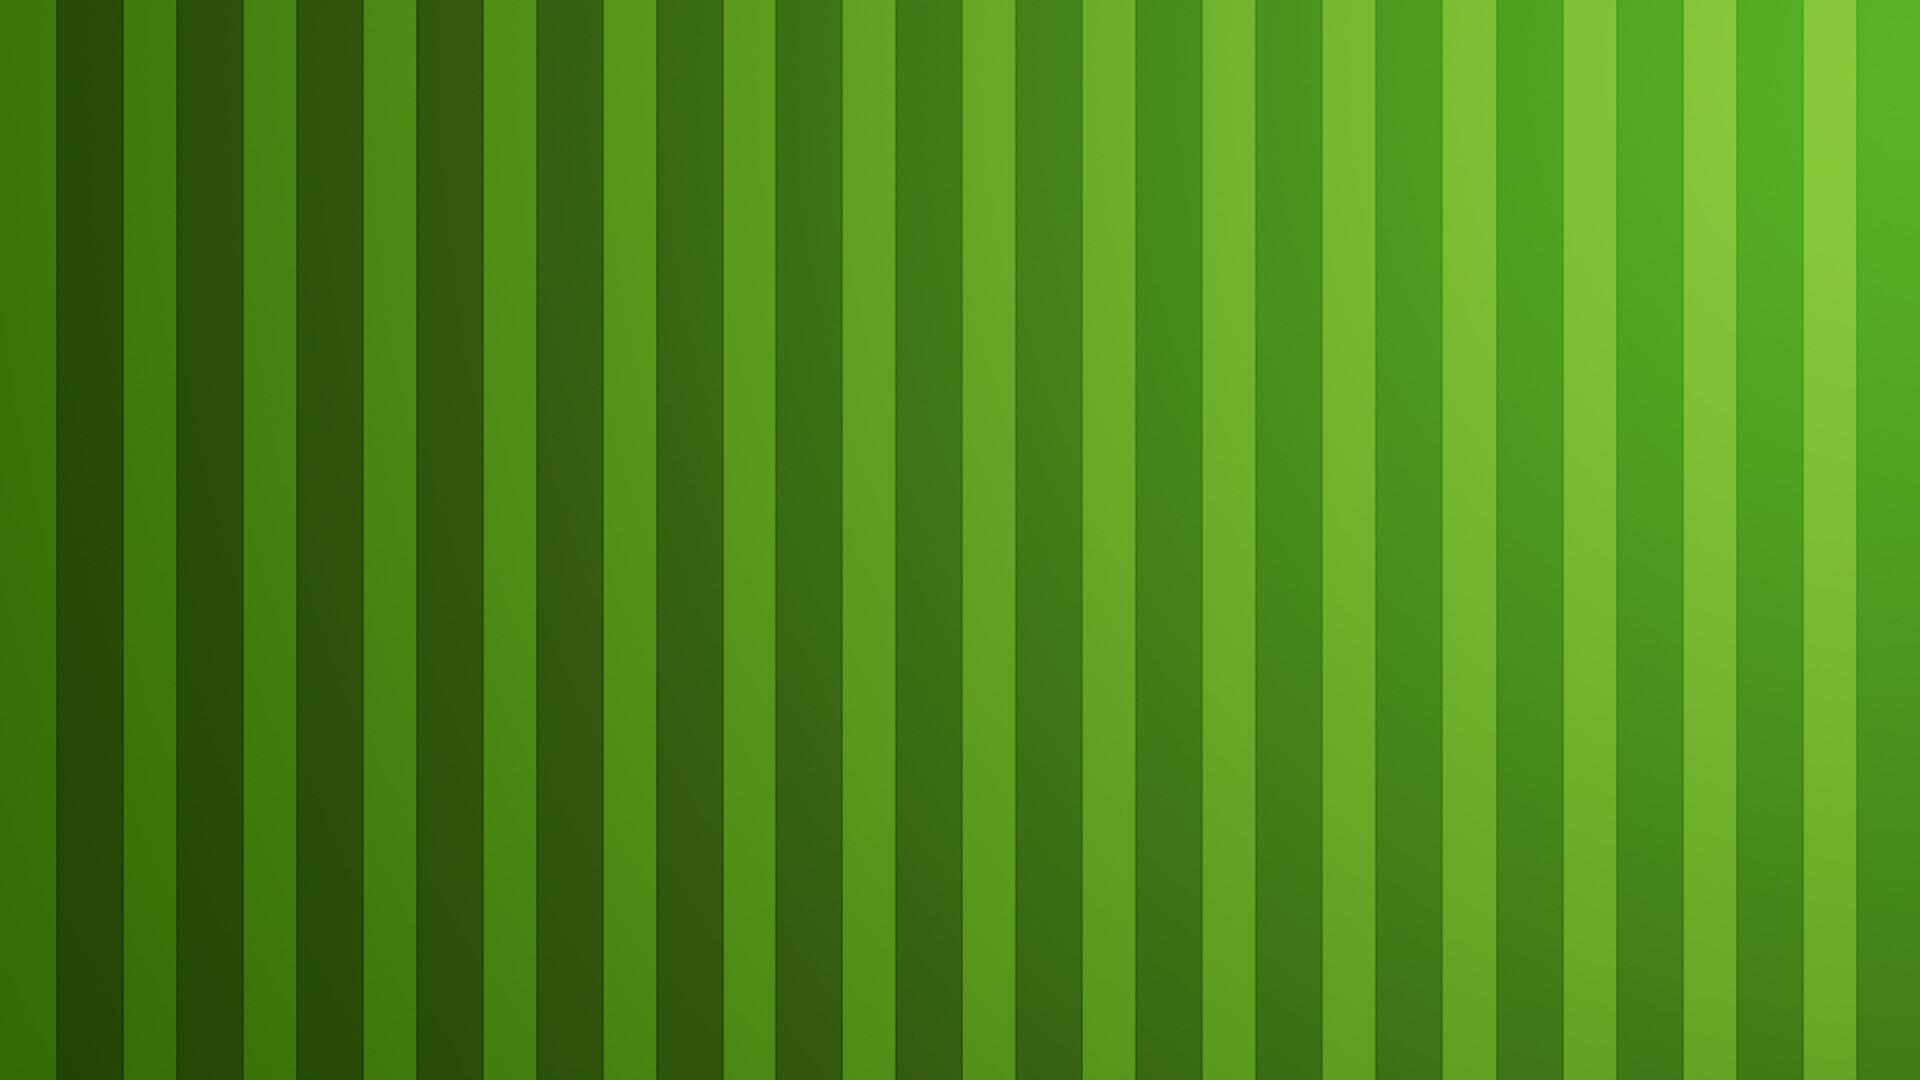 Http Hdwallsource Com Green 27779 Html